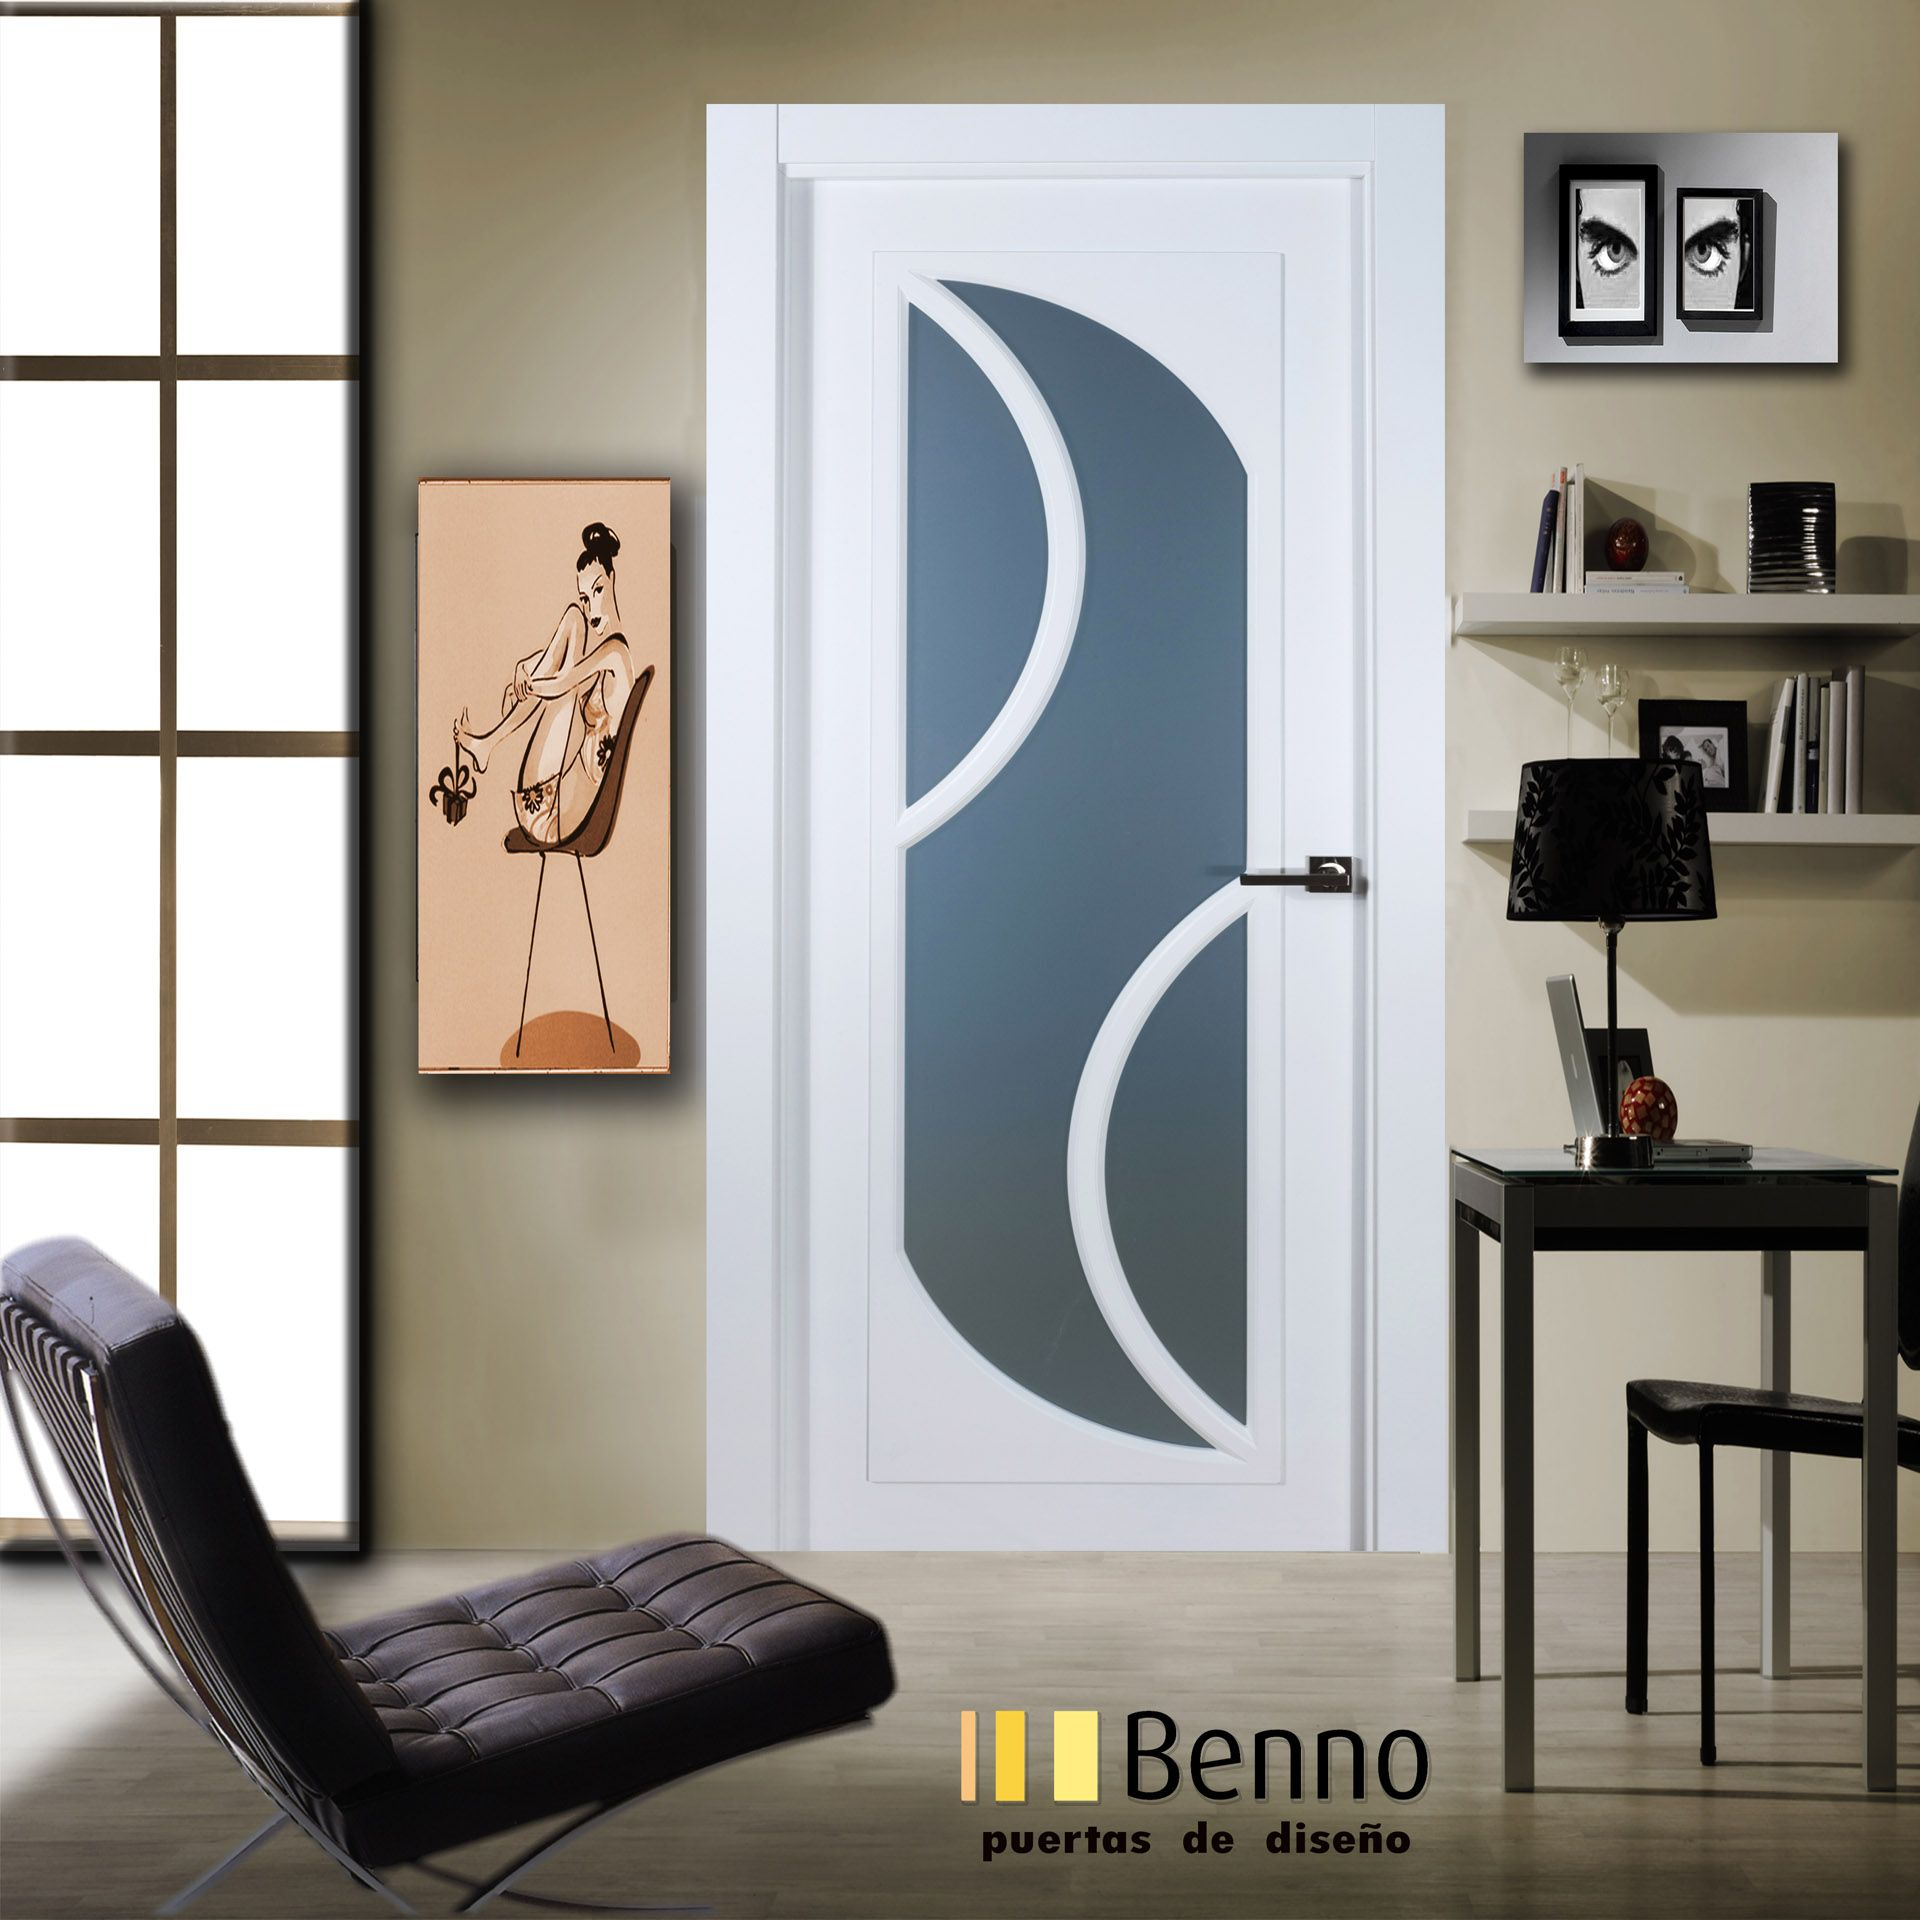 Modelo 4 dise o puertas home pinterest dise o de - Diseno de armarios online ...